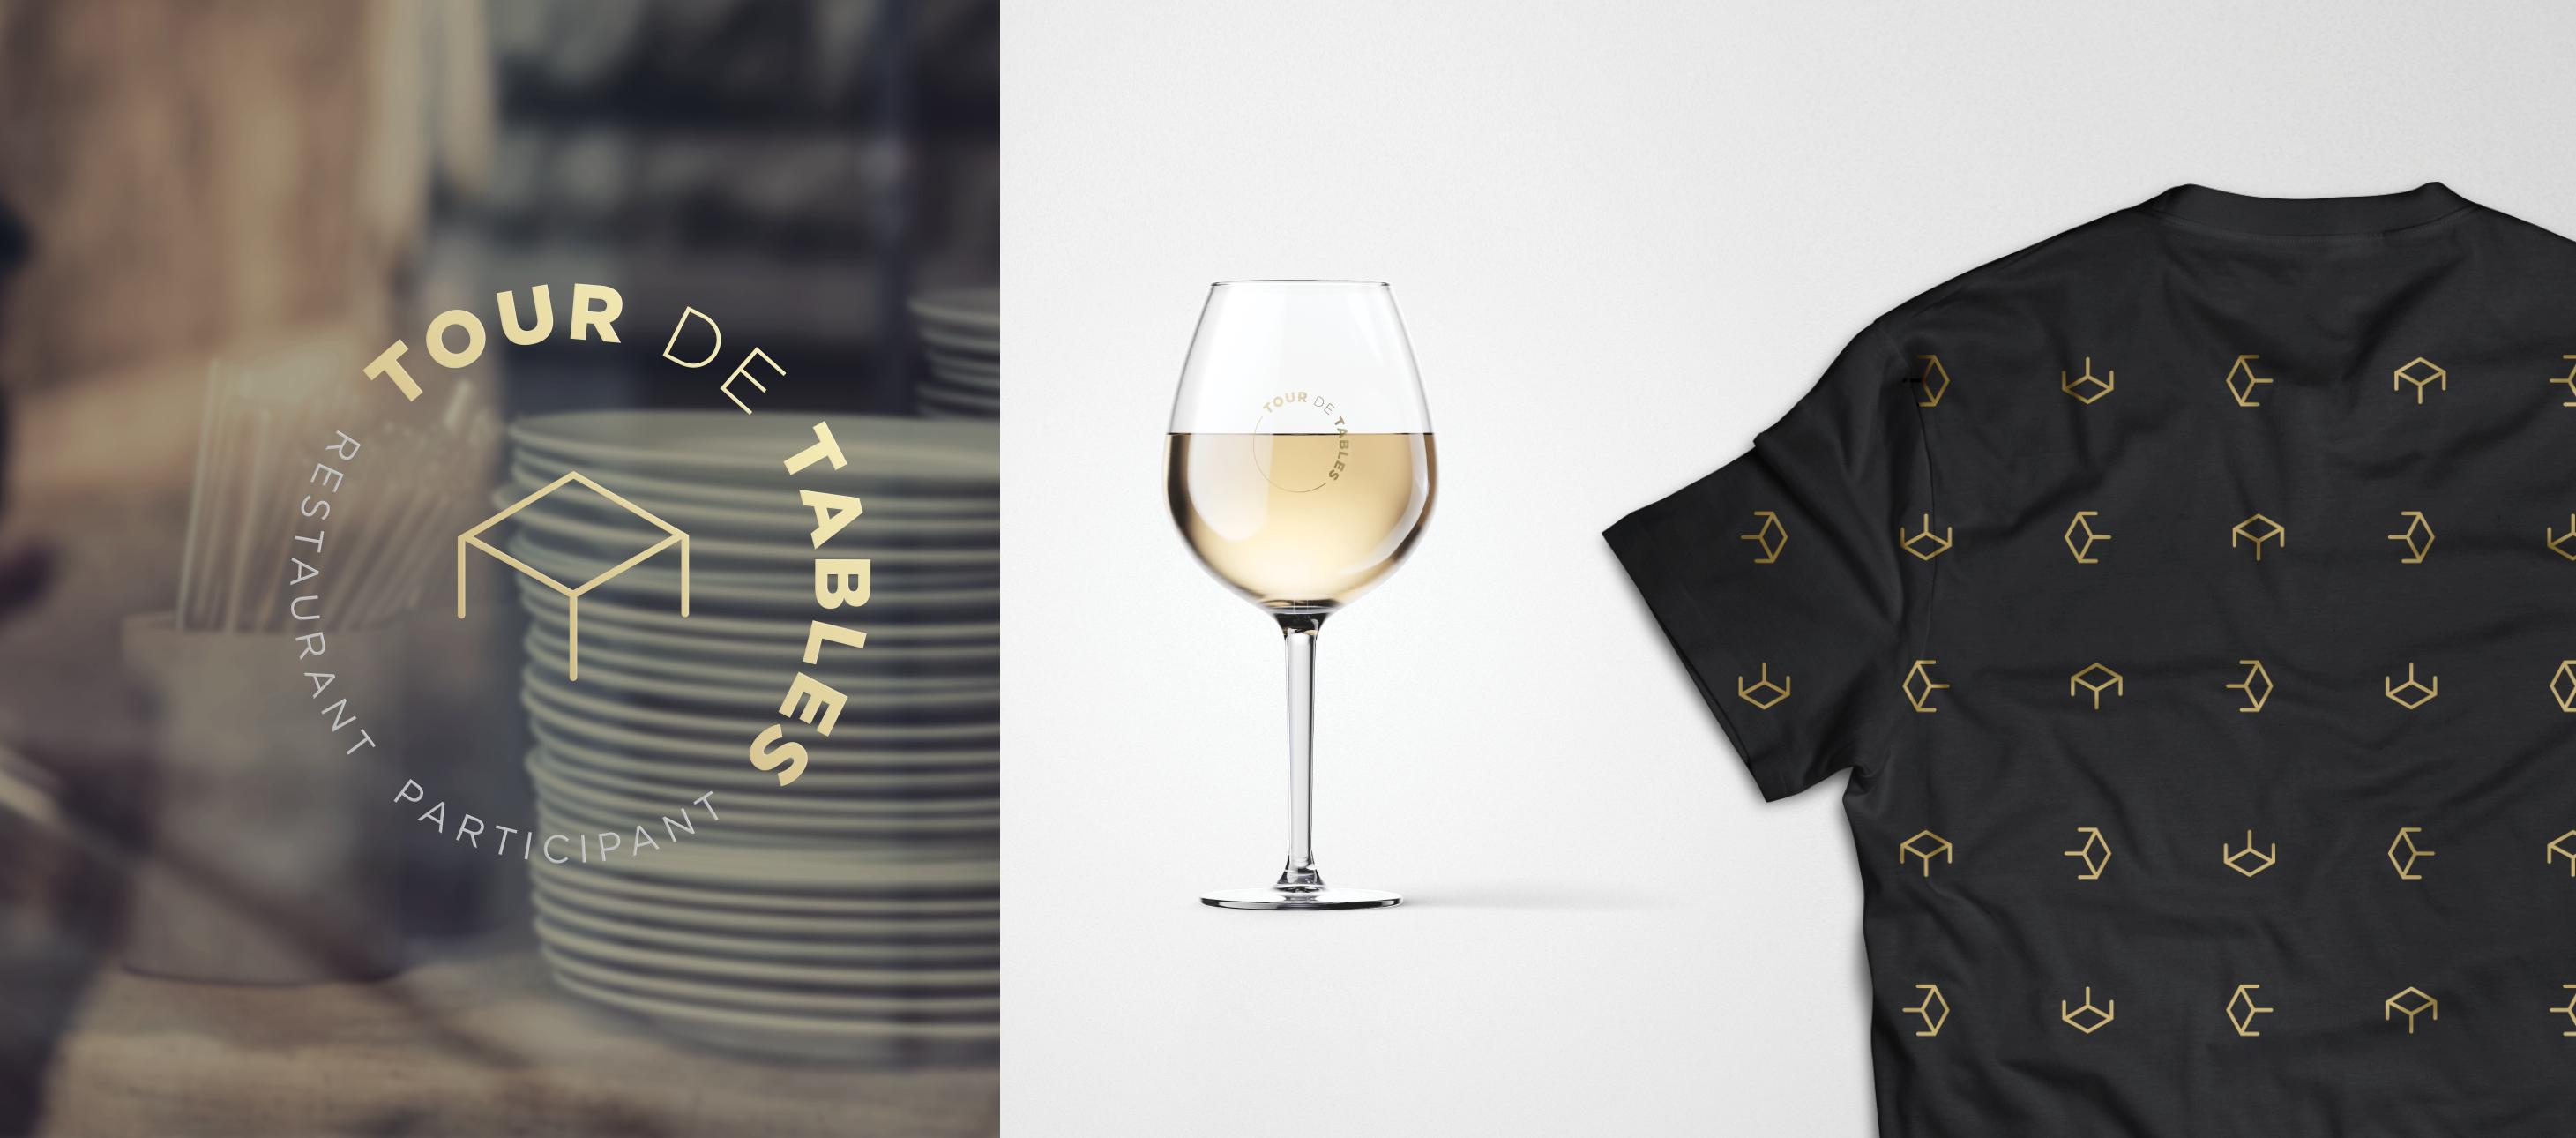 Braque has developed Tour de Tables brand image